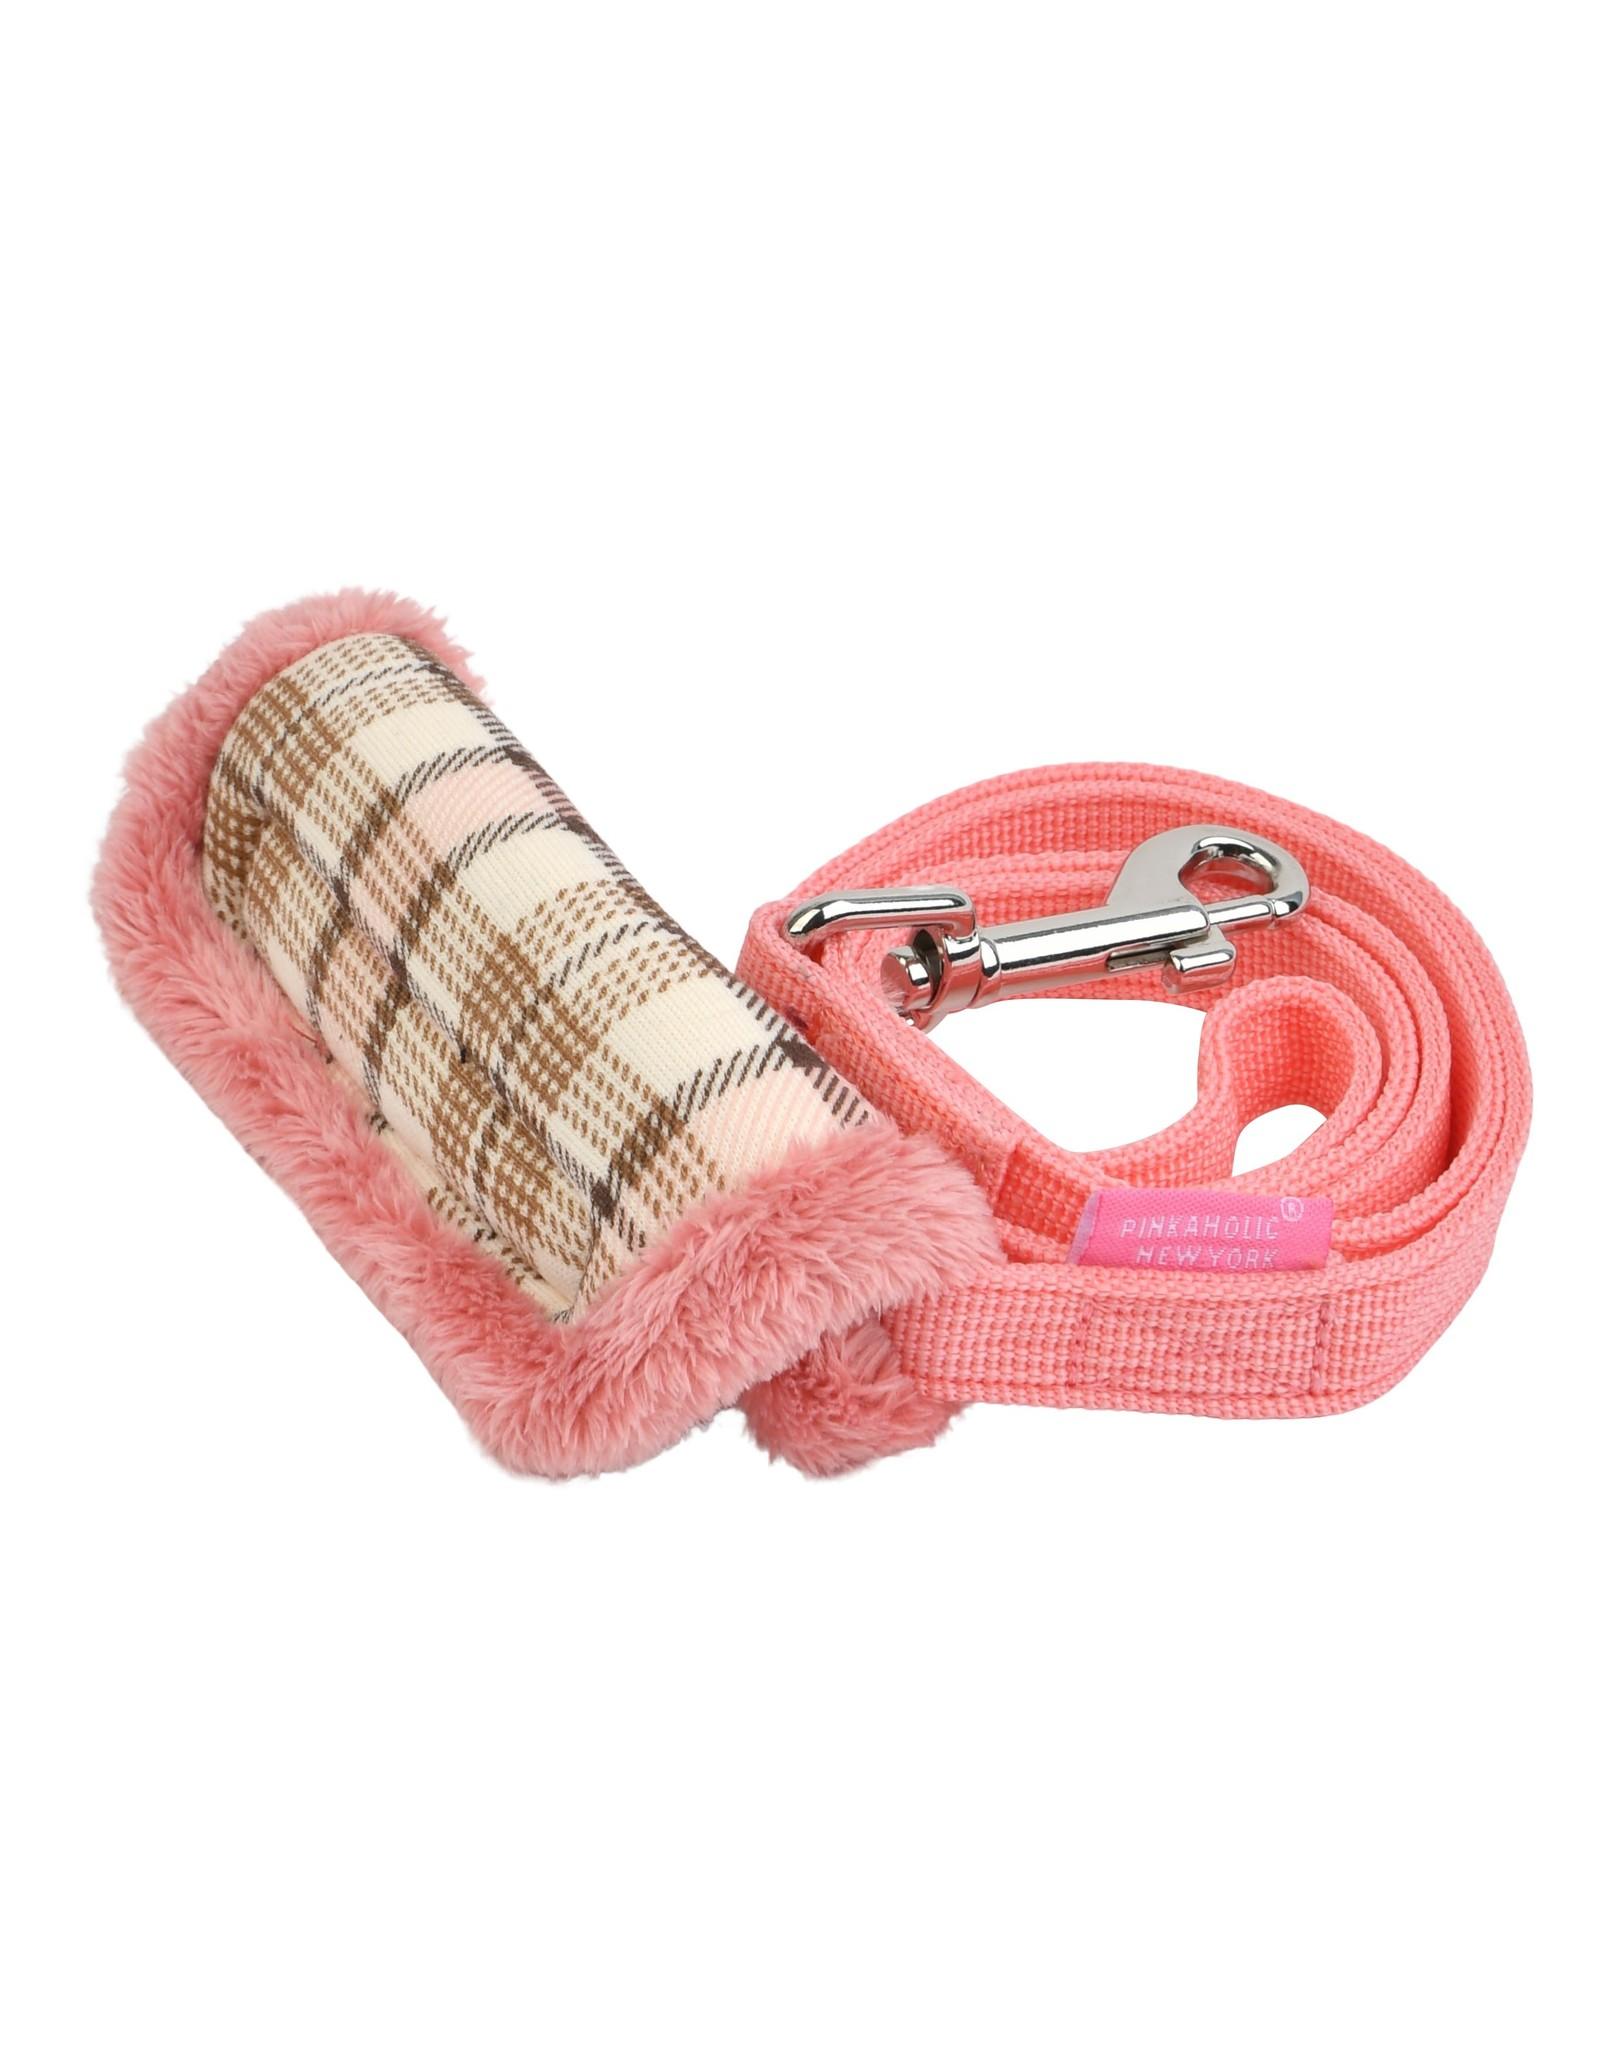 Pinkaholic Pinkaholic Aline Leash Indian Pink